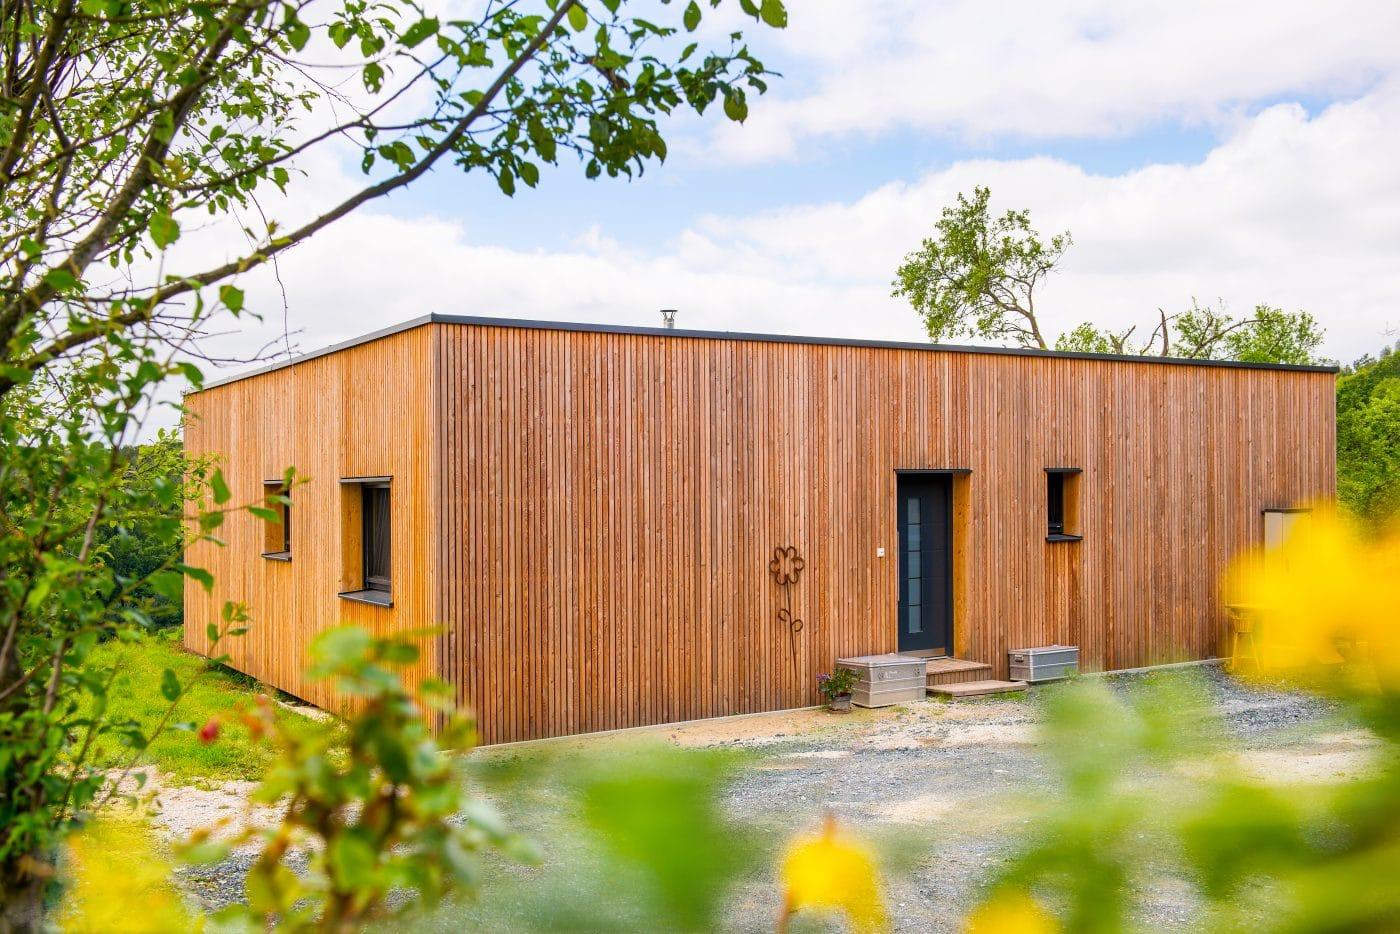 Box Mahlknecht - Ein Haus zum Mitnehmen